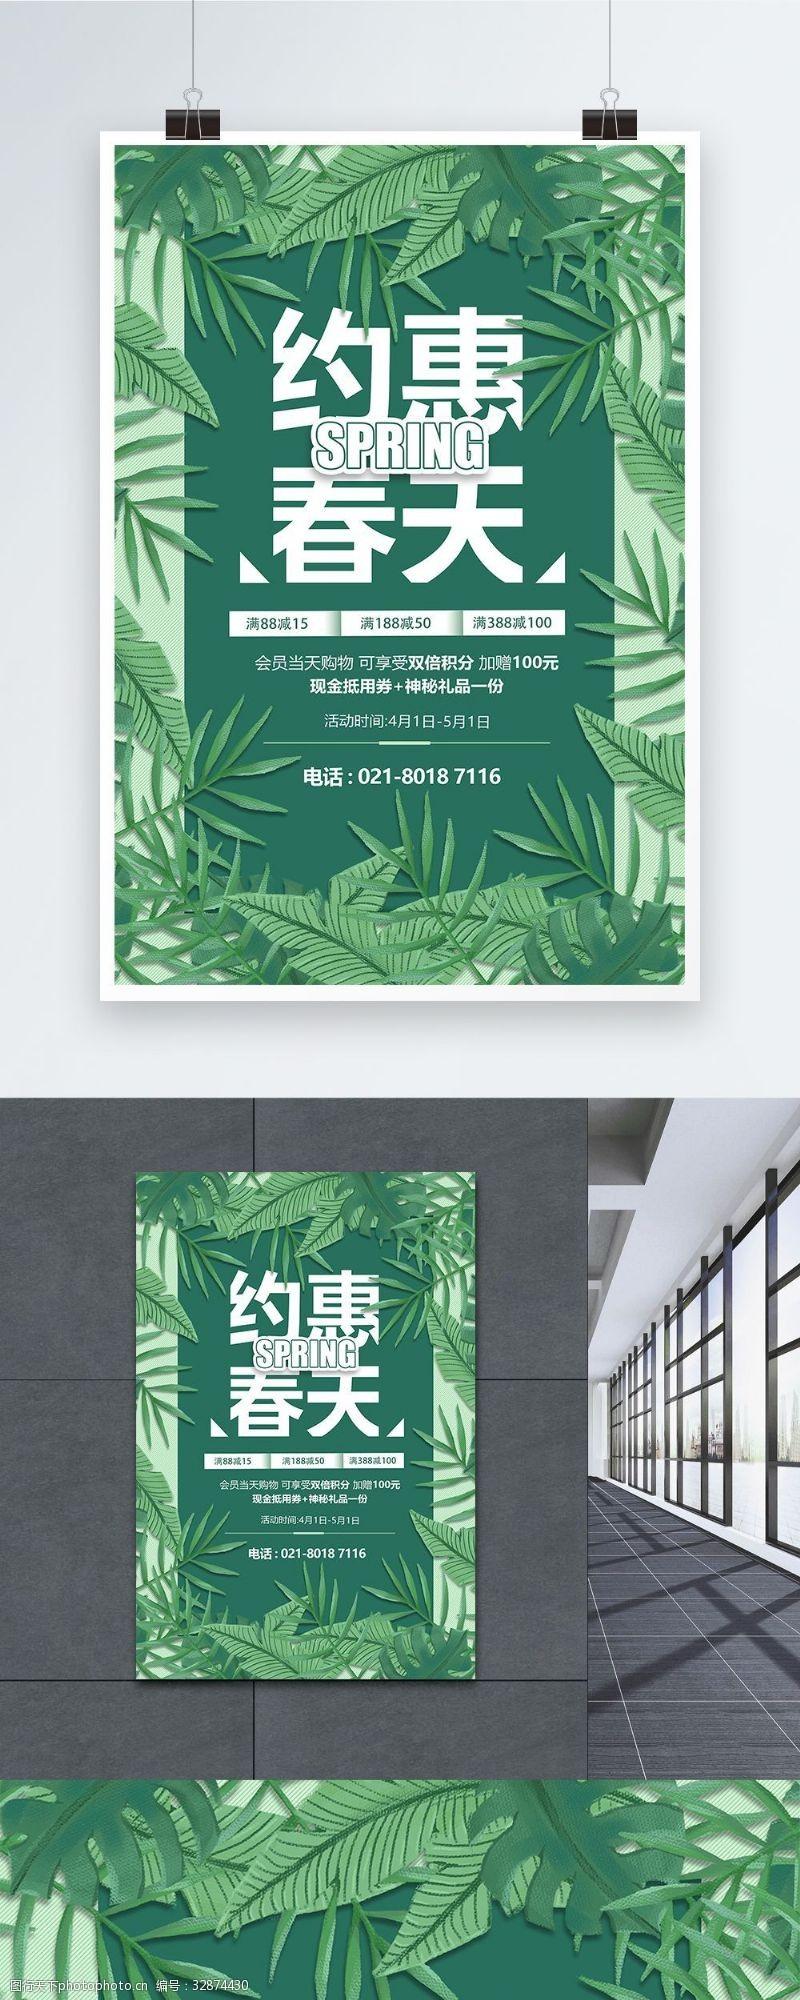 绿色约惠春天春季促销海报